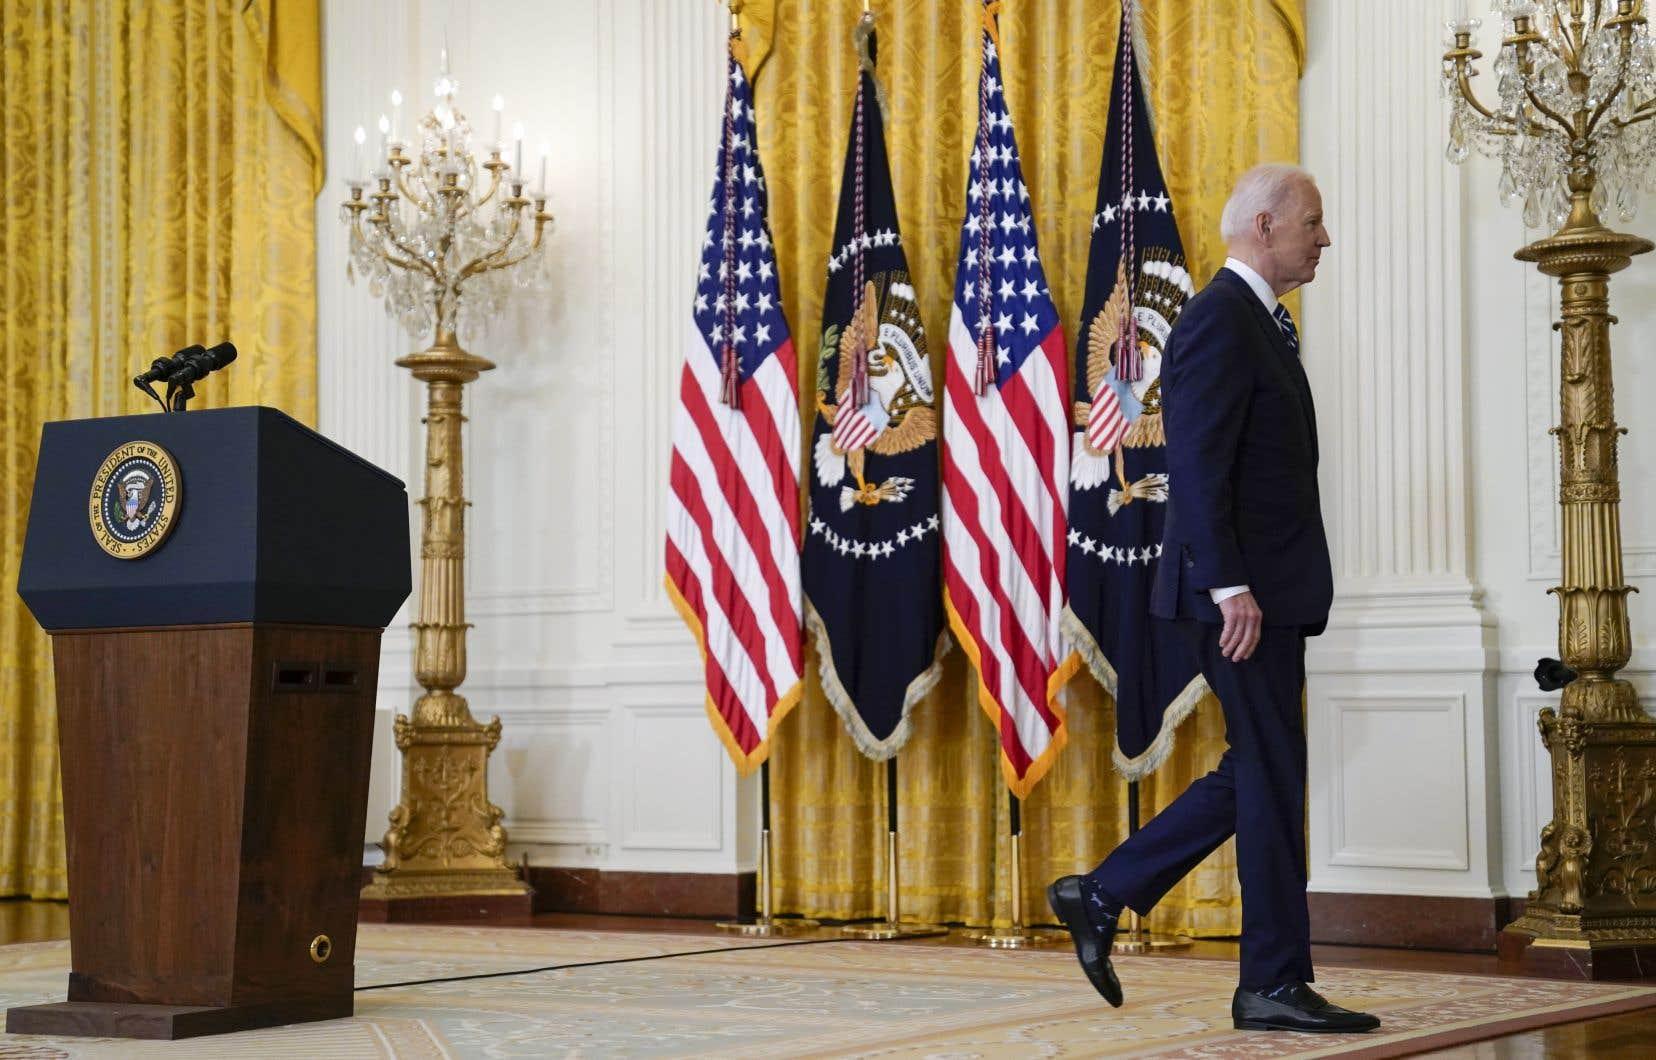 Joe Biden a semblé jeudi maîtriser ses dossiers, sans faire d'annonce majeure, mais en tentant de marteler ses priorités, alors que plusieurs crises ont contrarié ces derniers jours sa communication focalisée sur son plan d'aide économique.